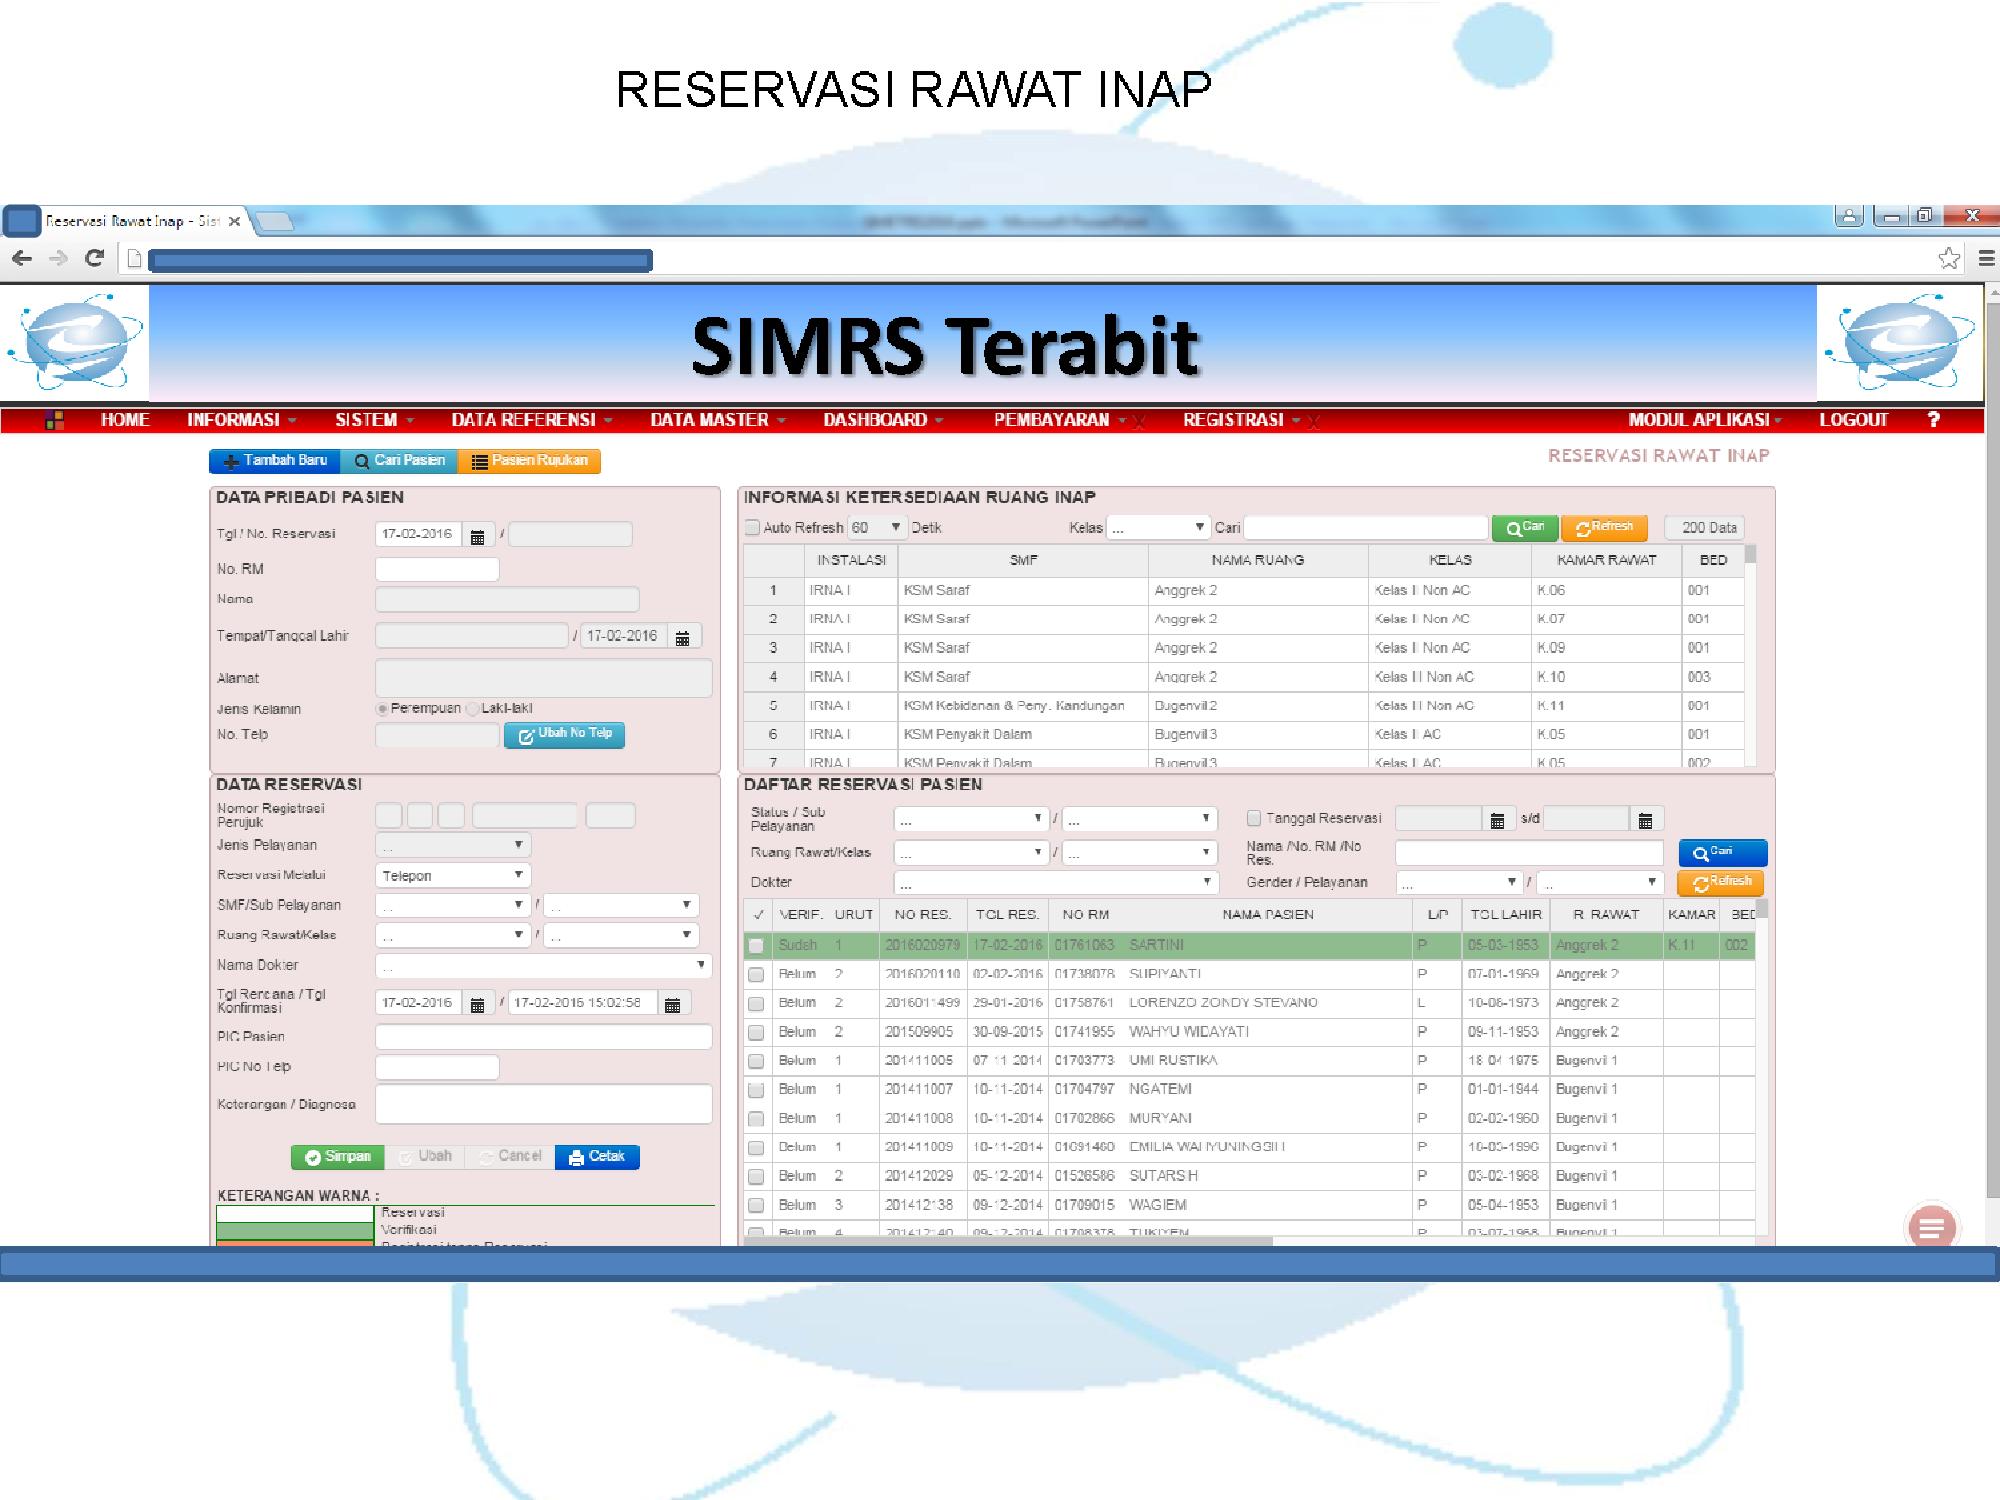 Reservasi Rawat Inap